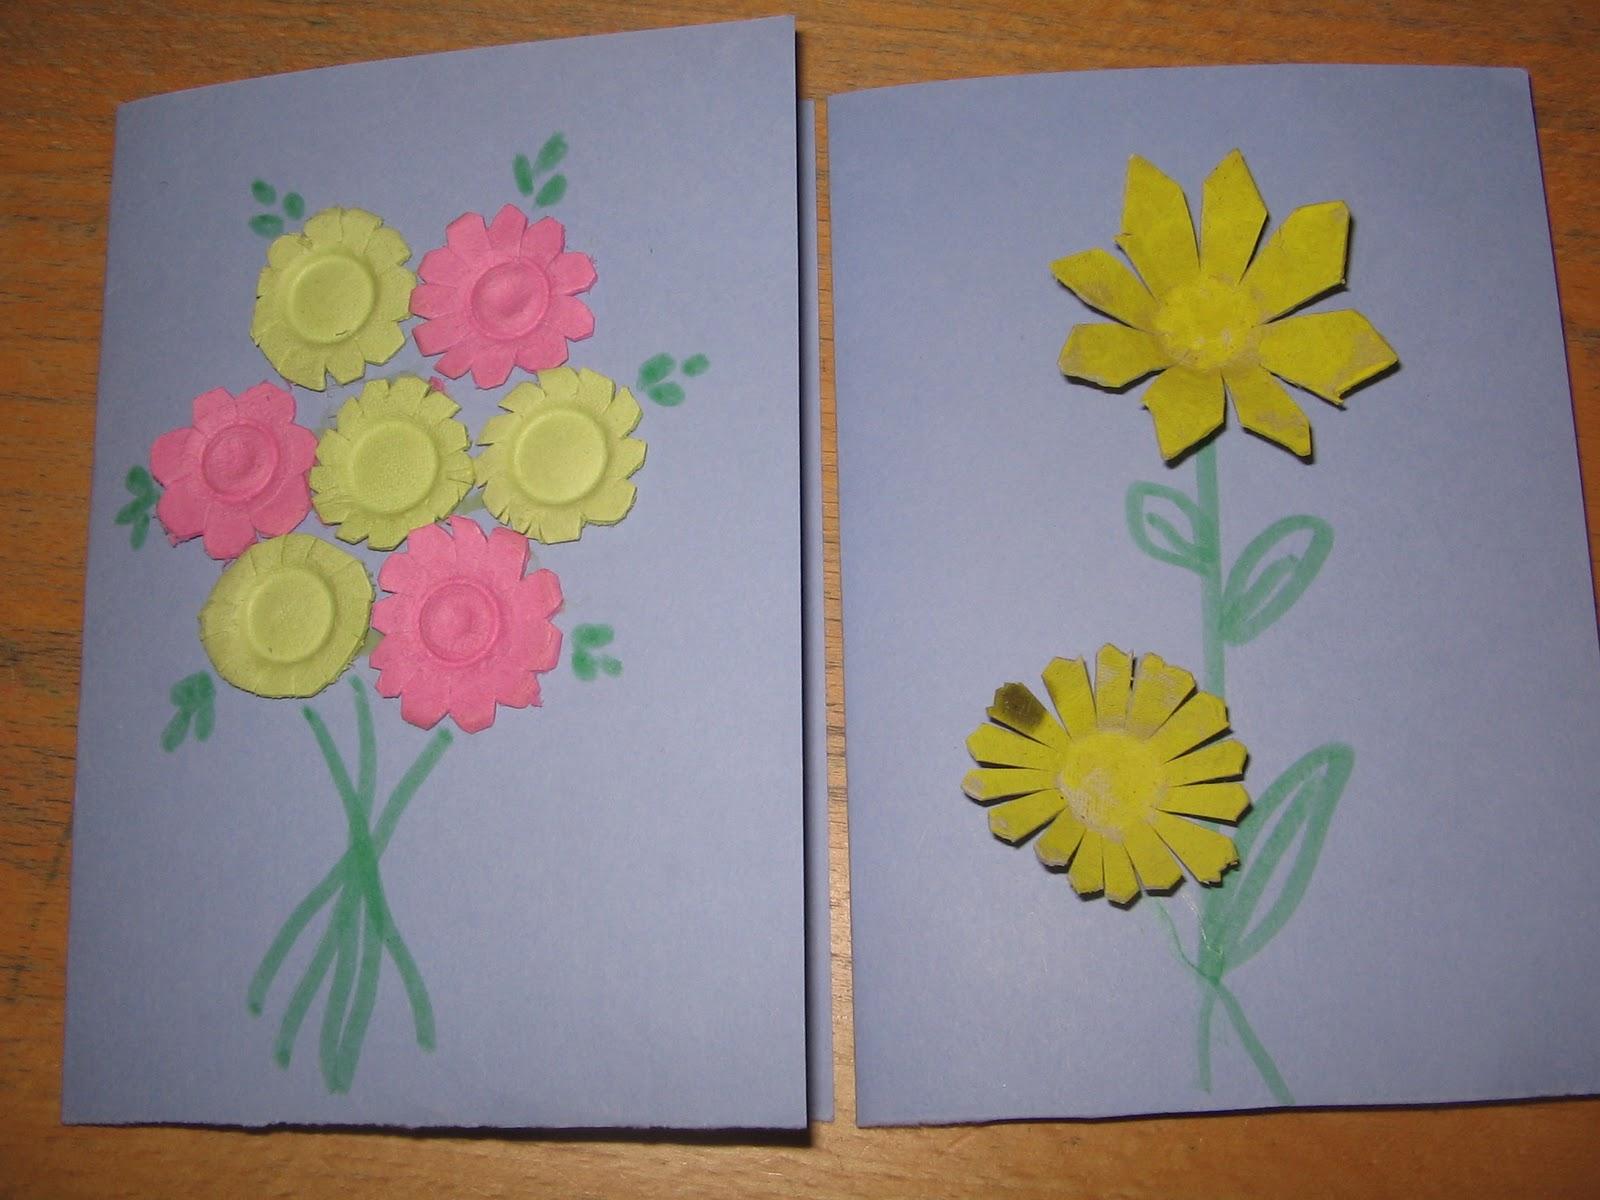 D co pinterest deco jardin recup marseille 21 pinterest marseille cat - Comment faire des fleurs avec des boites a oeufs ...